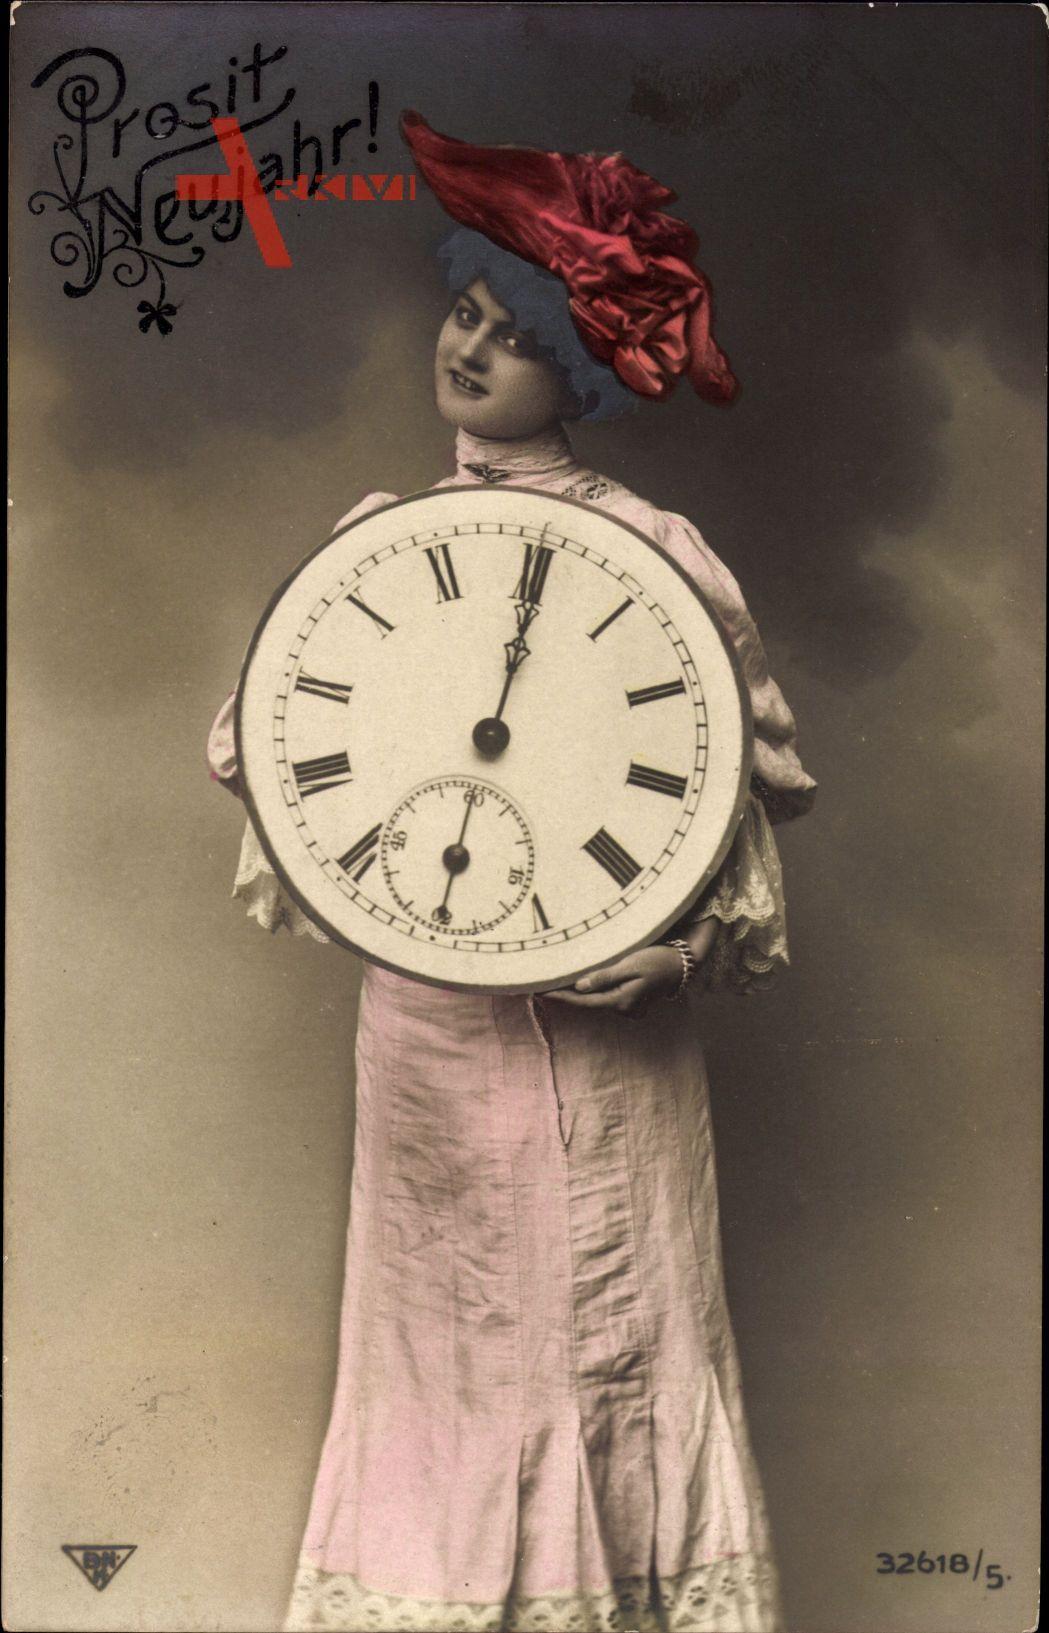 Glückwunsch Neujahr, Frau hält eine Uhr, Ziffernblatt, Mitternacht